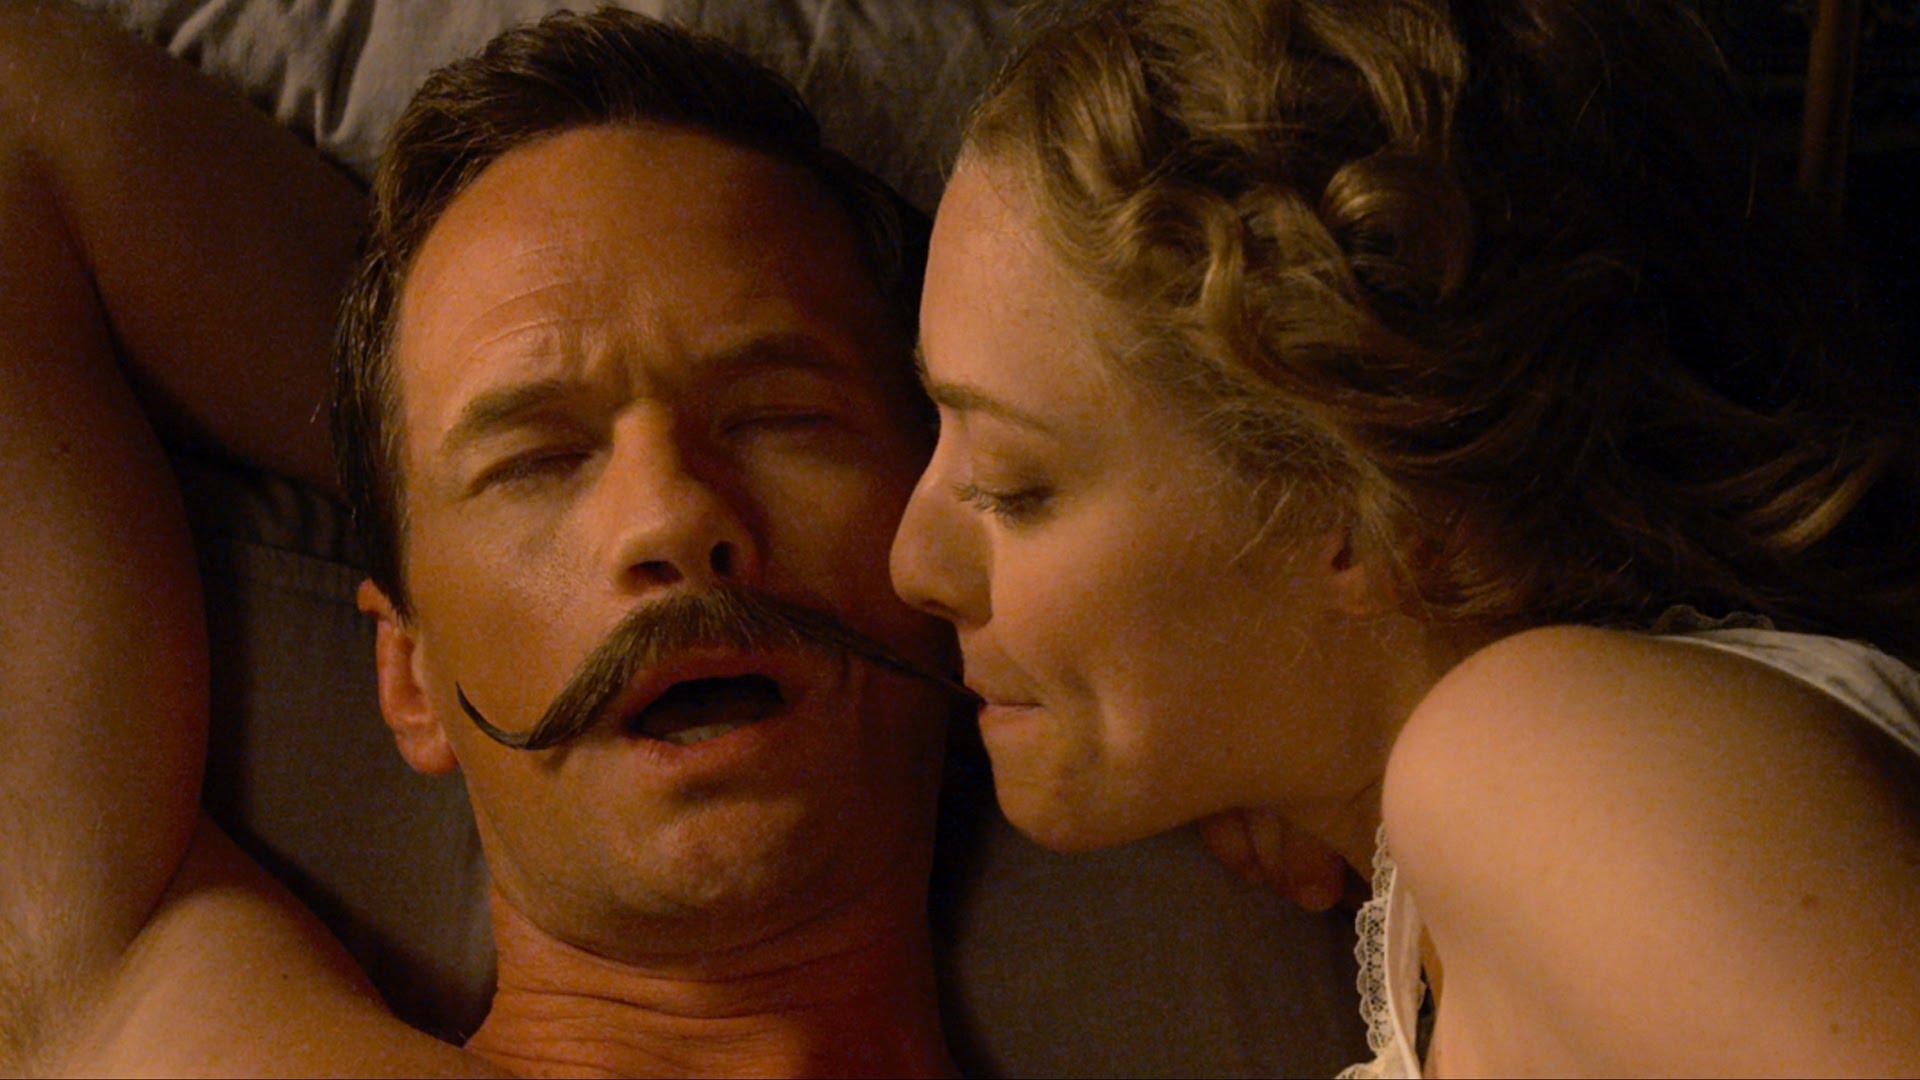 a-million-ways-to-di-ein-the-west-mustache